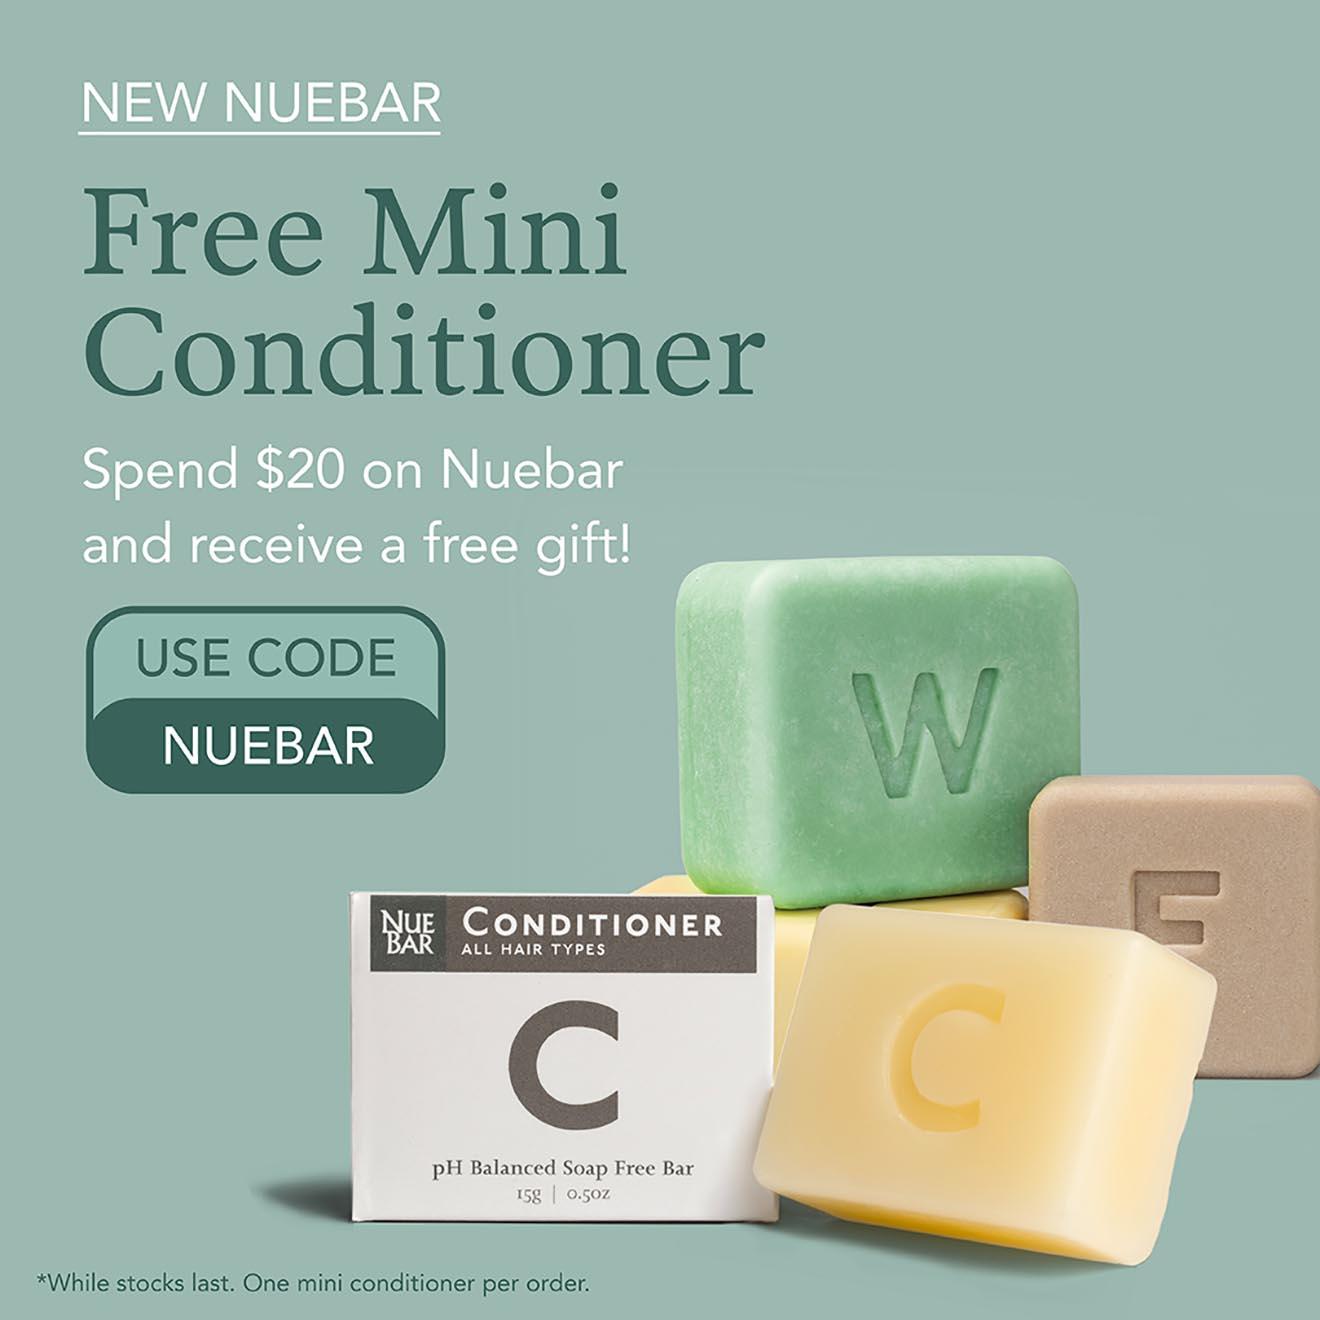 Free Conditioner with NueBar